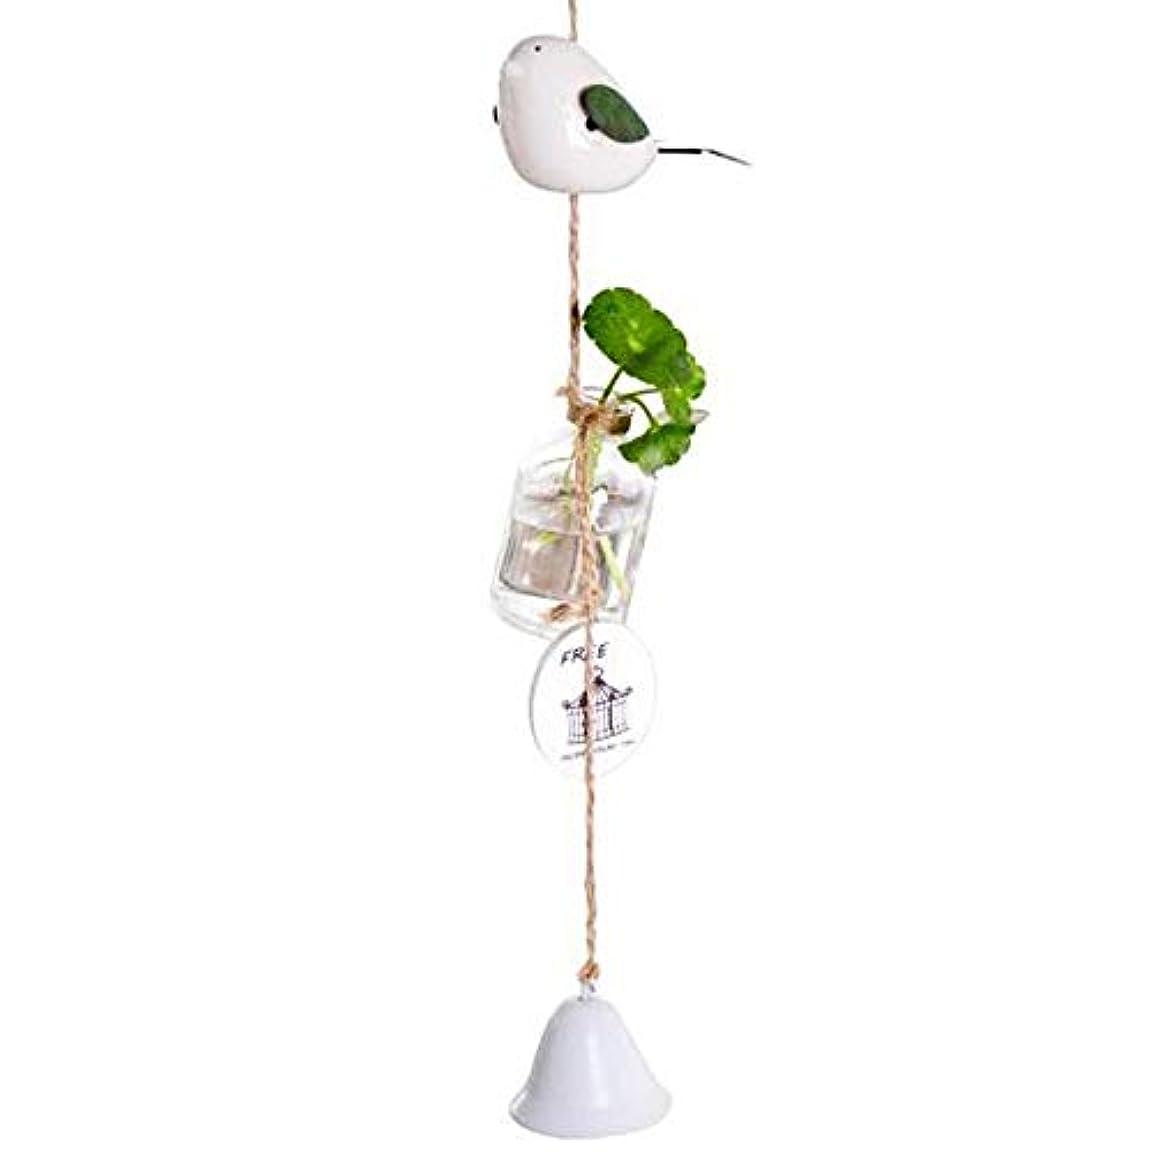 薬剤師雑多なリズミカルなFengshangshanghang 風チャイム、クリエイティブ?グラス風チャイム、白、ロープの長さ63センチメートルボトル(なし植物),家の装飾 (Color : White)